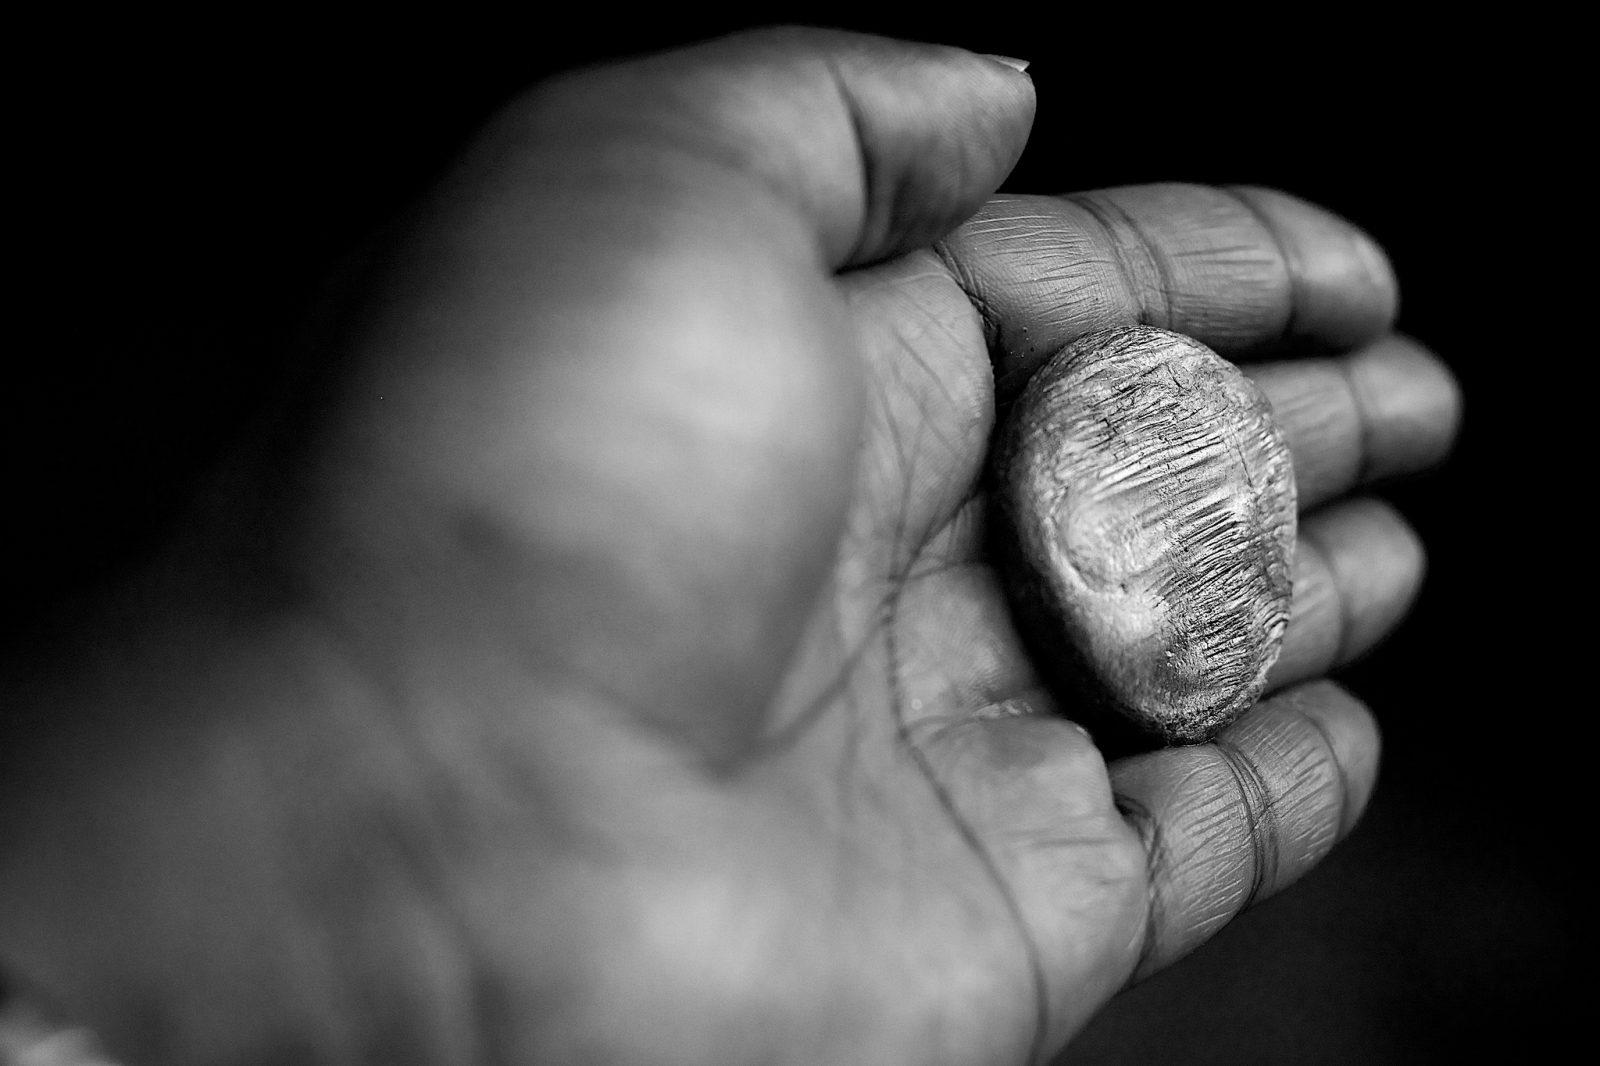 Chleb, czy może kamień w naszym ręku?